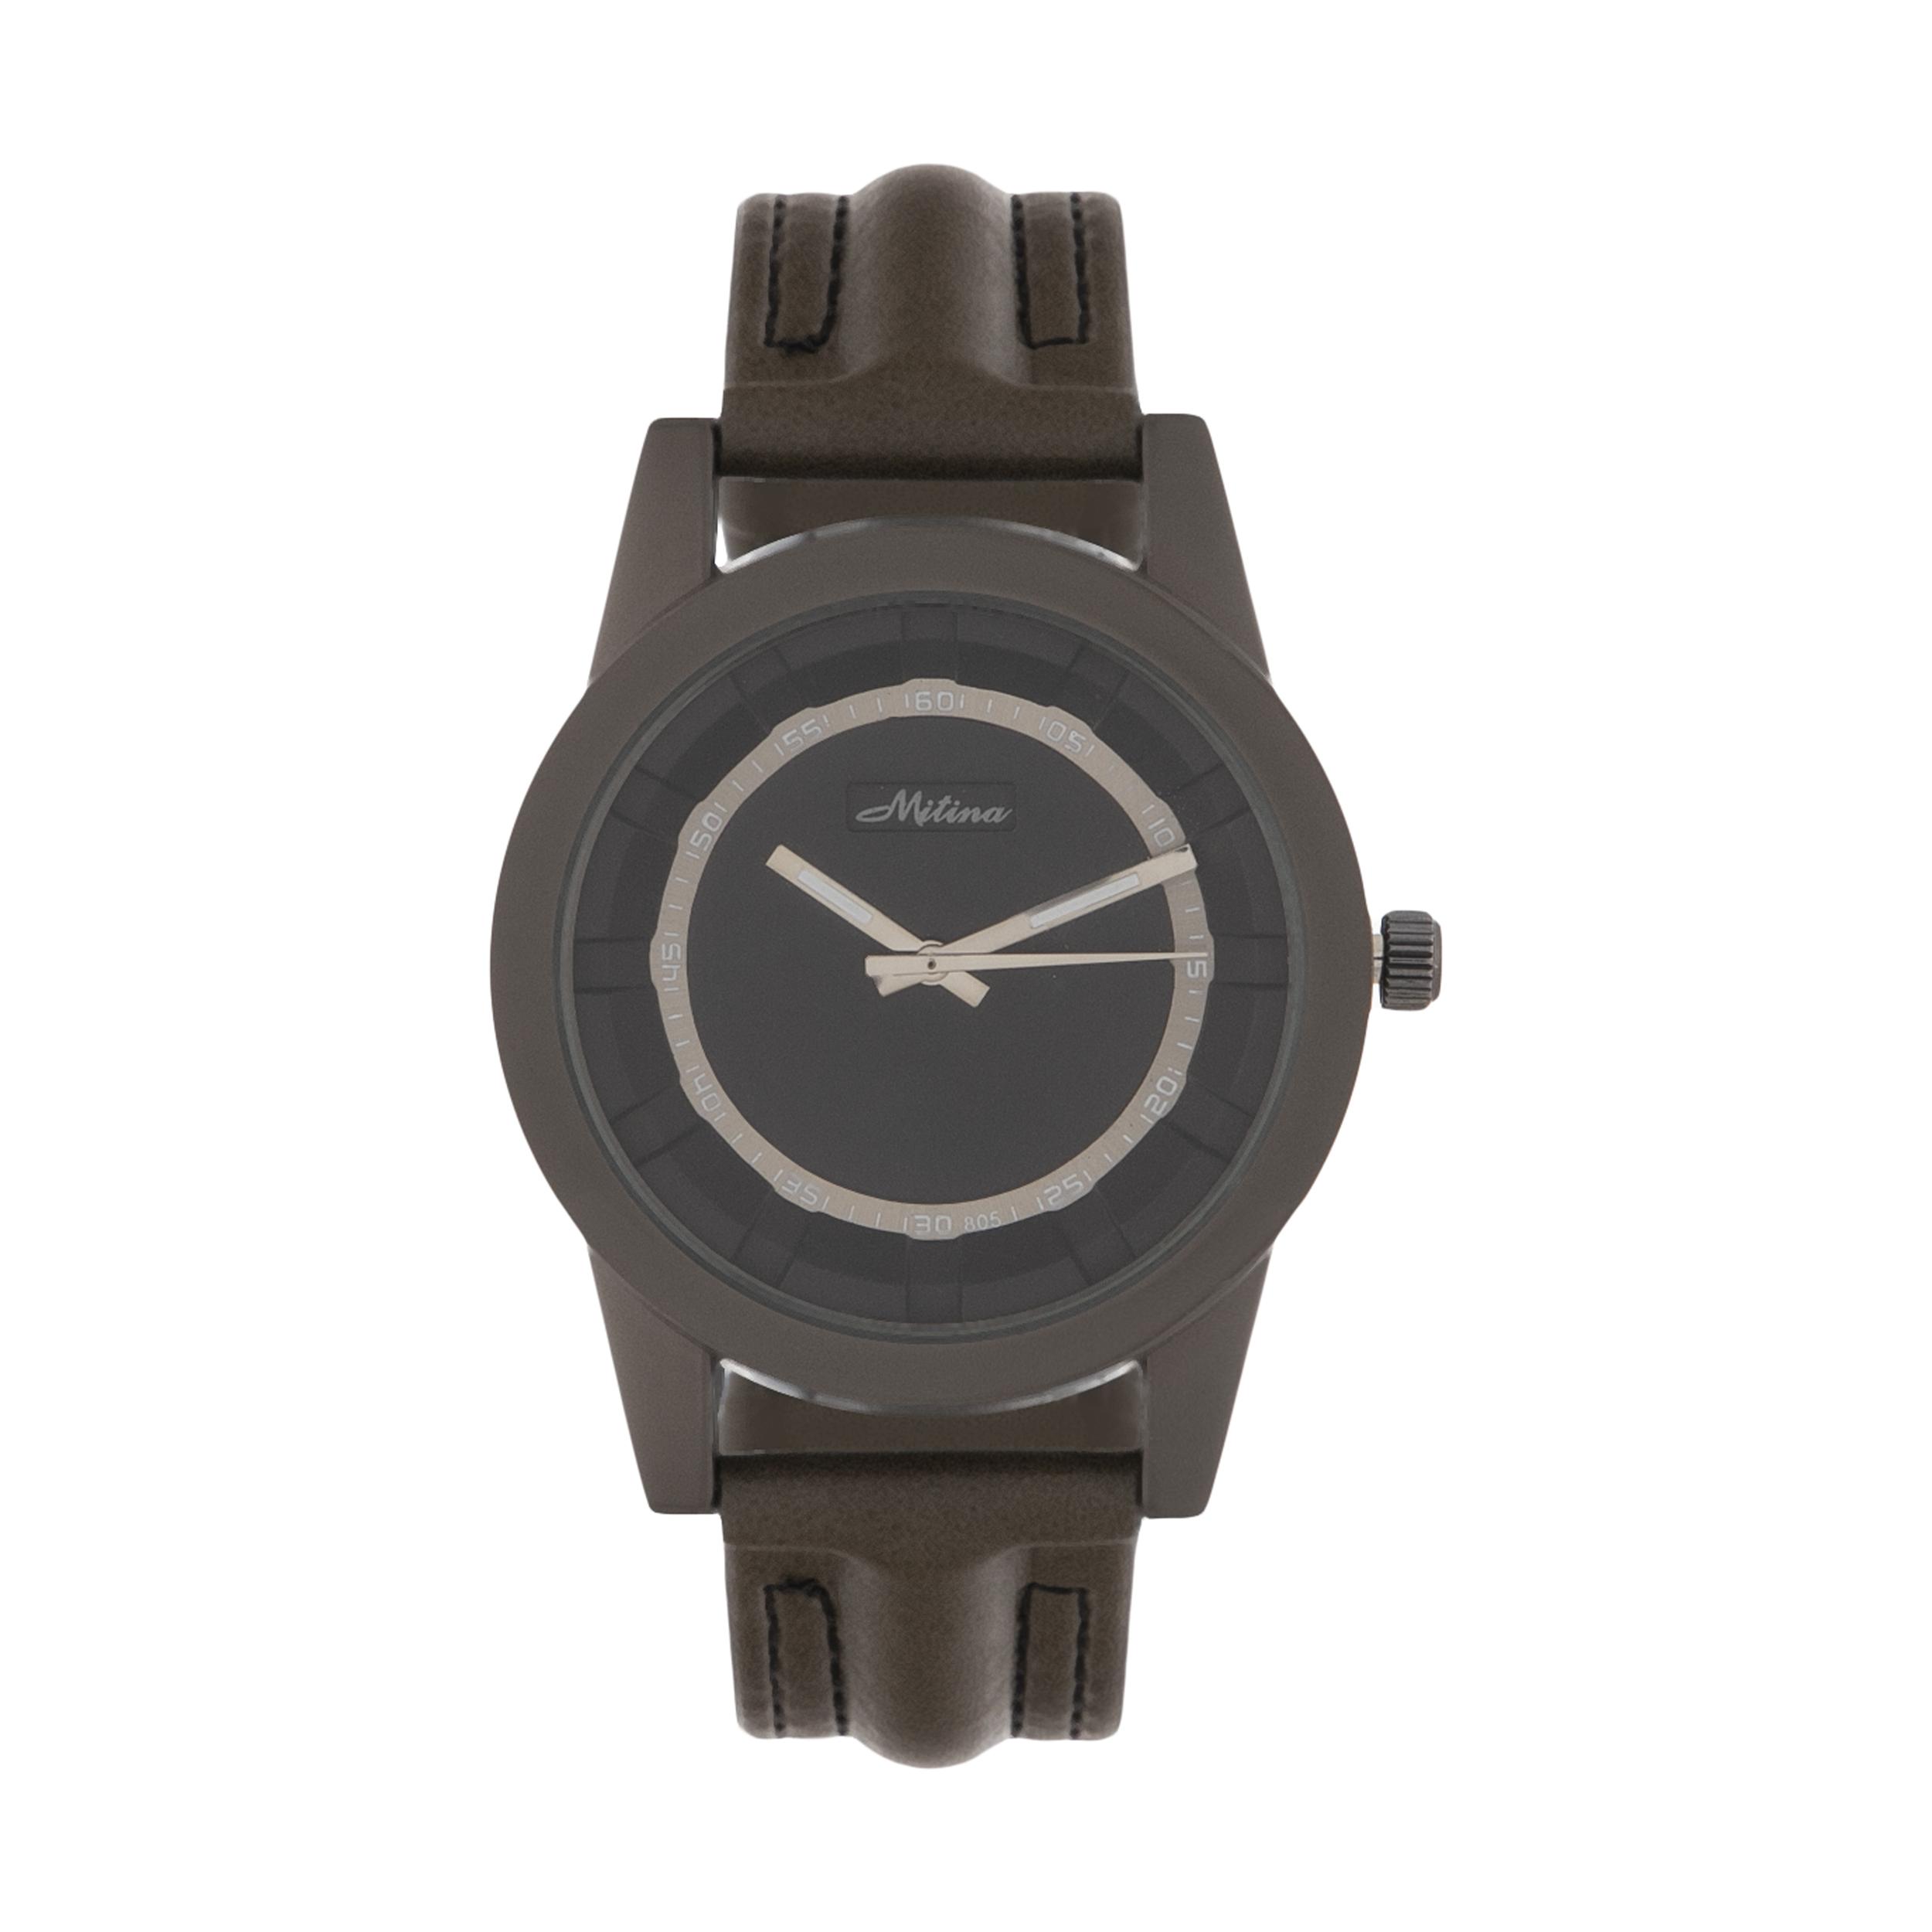 ساعت مچی عقربهای مردانه میتینا مدل M-804